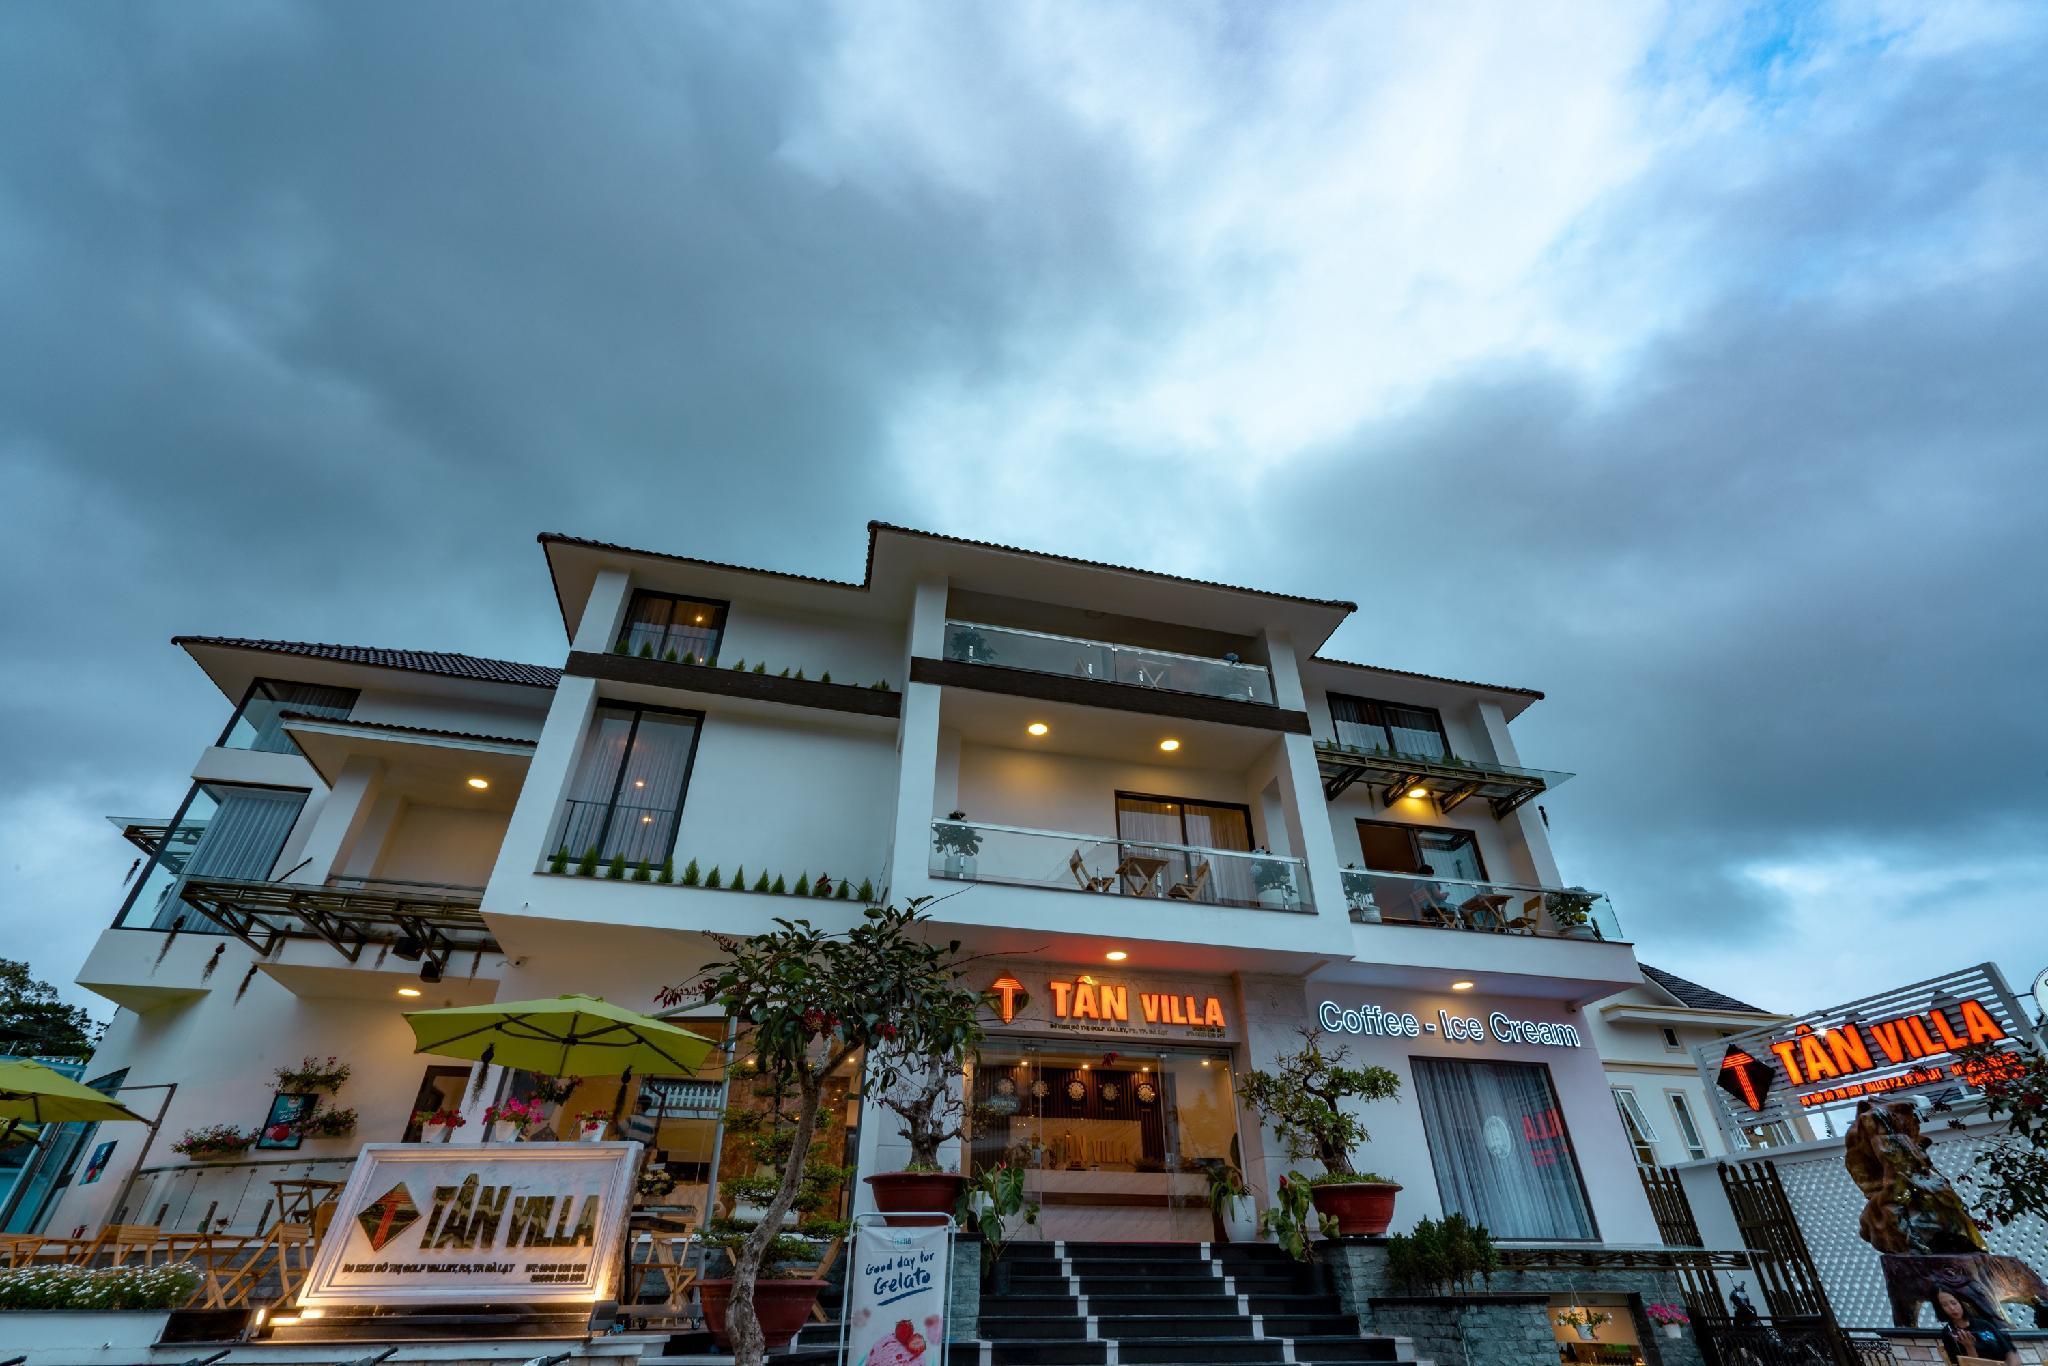 Tan Villa   Coffee And Ice Cream